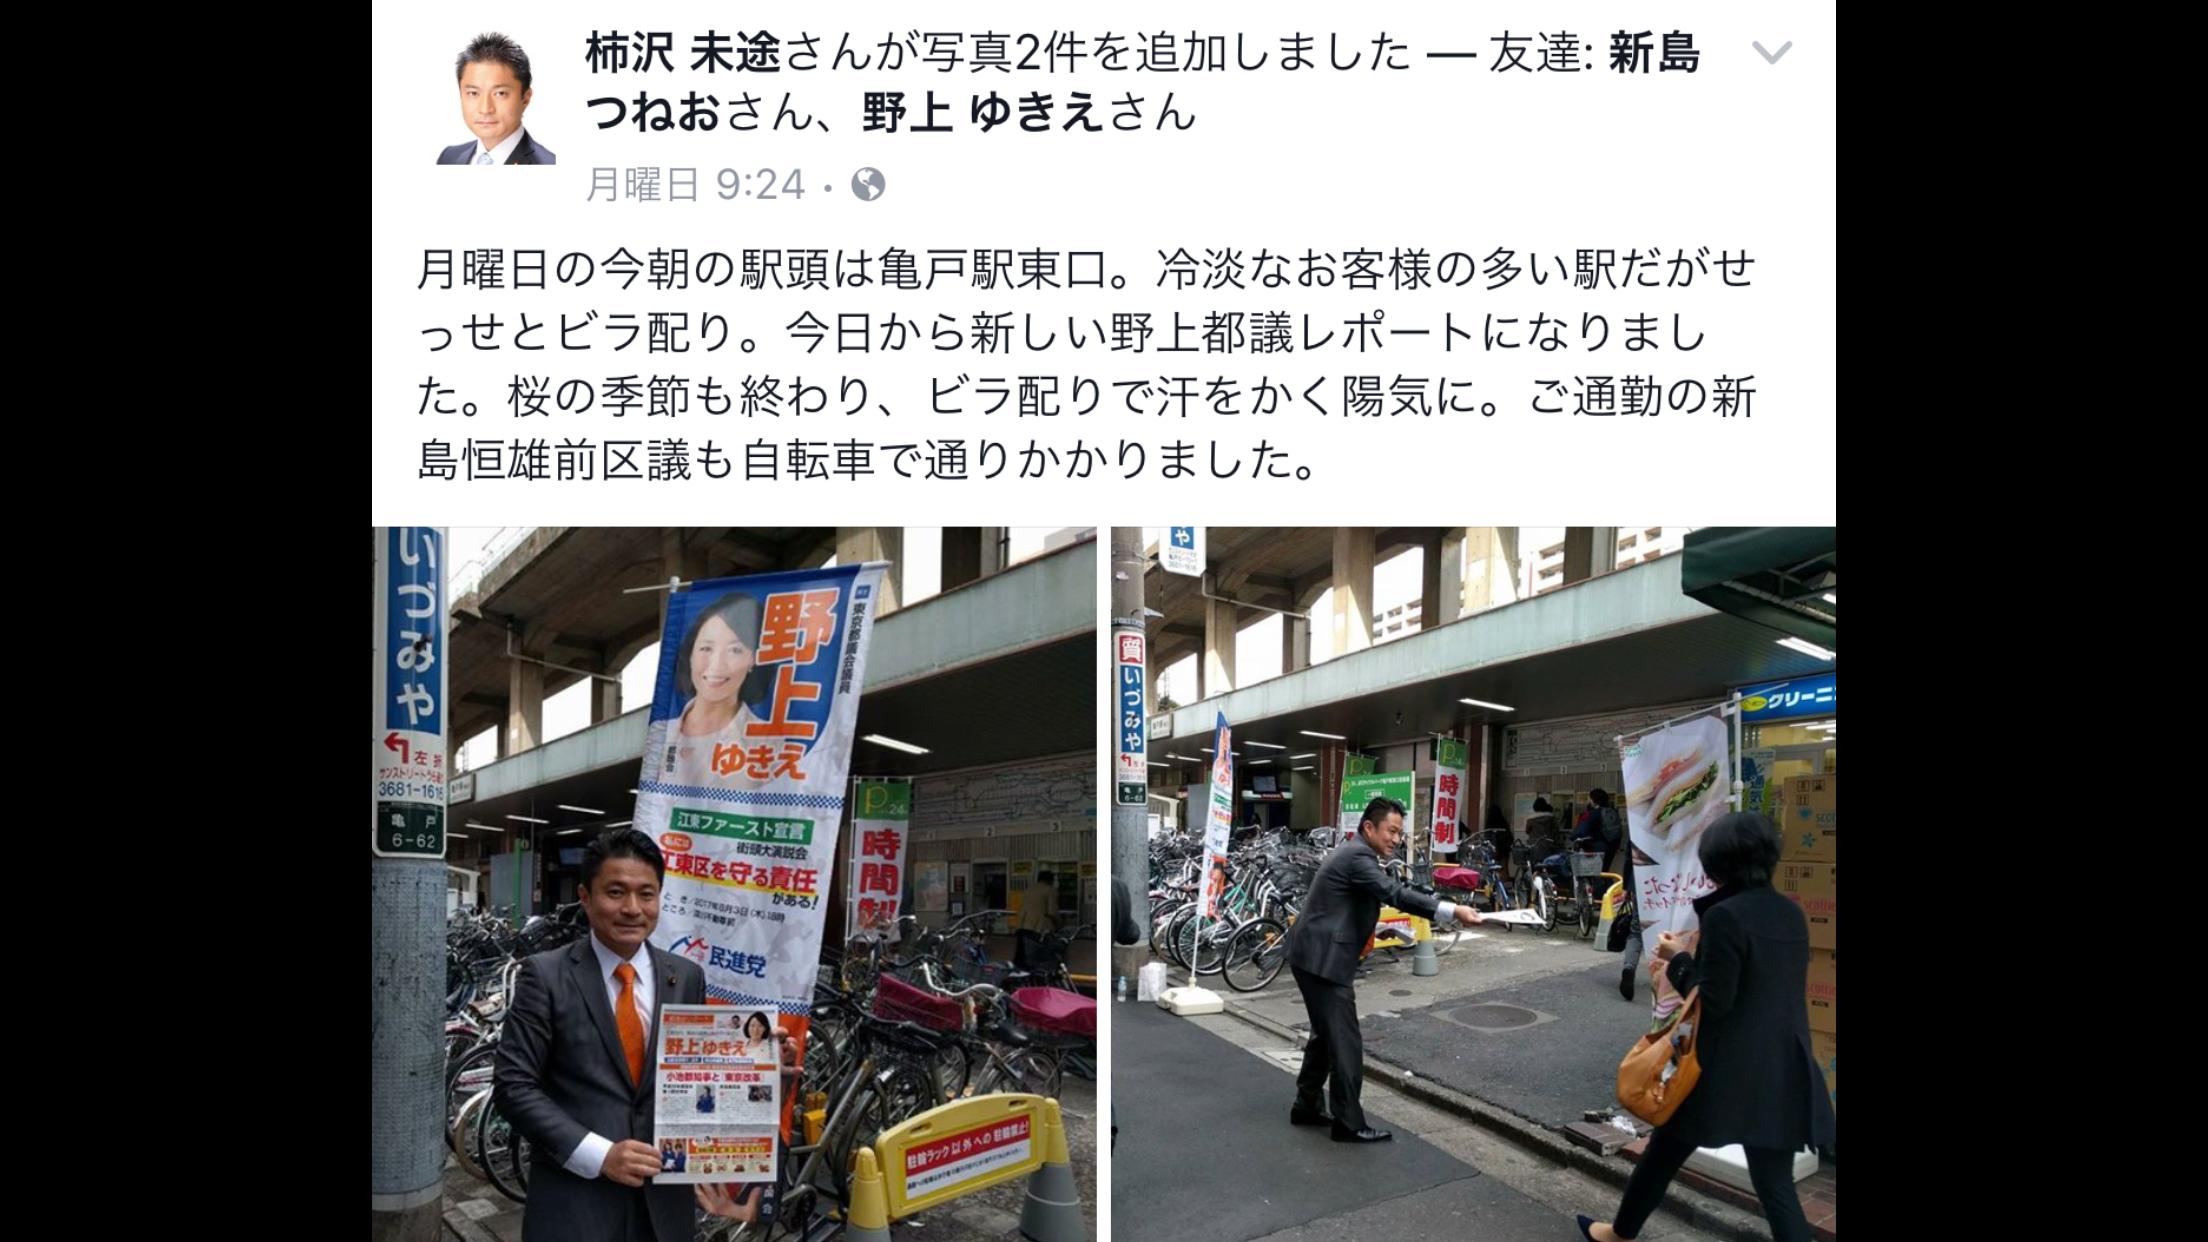 民進党・柿沢議員「亀戸の客は冷淡」小池パクリ「江東ファースト」